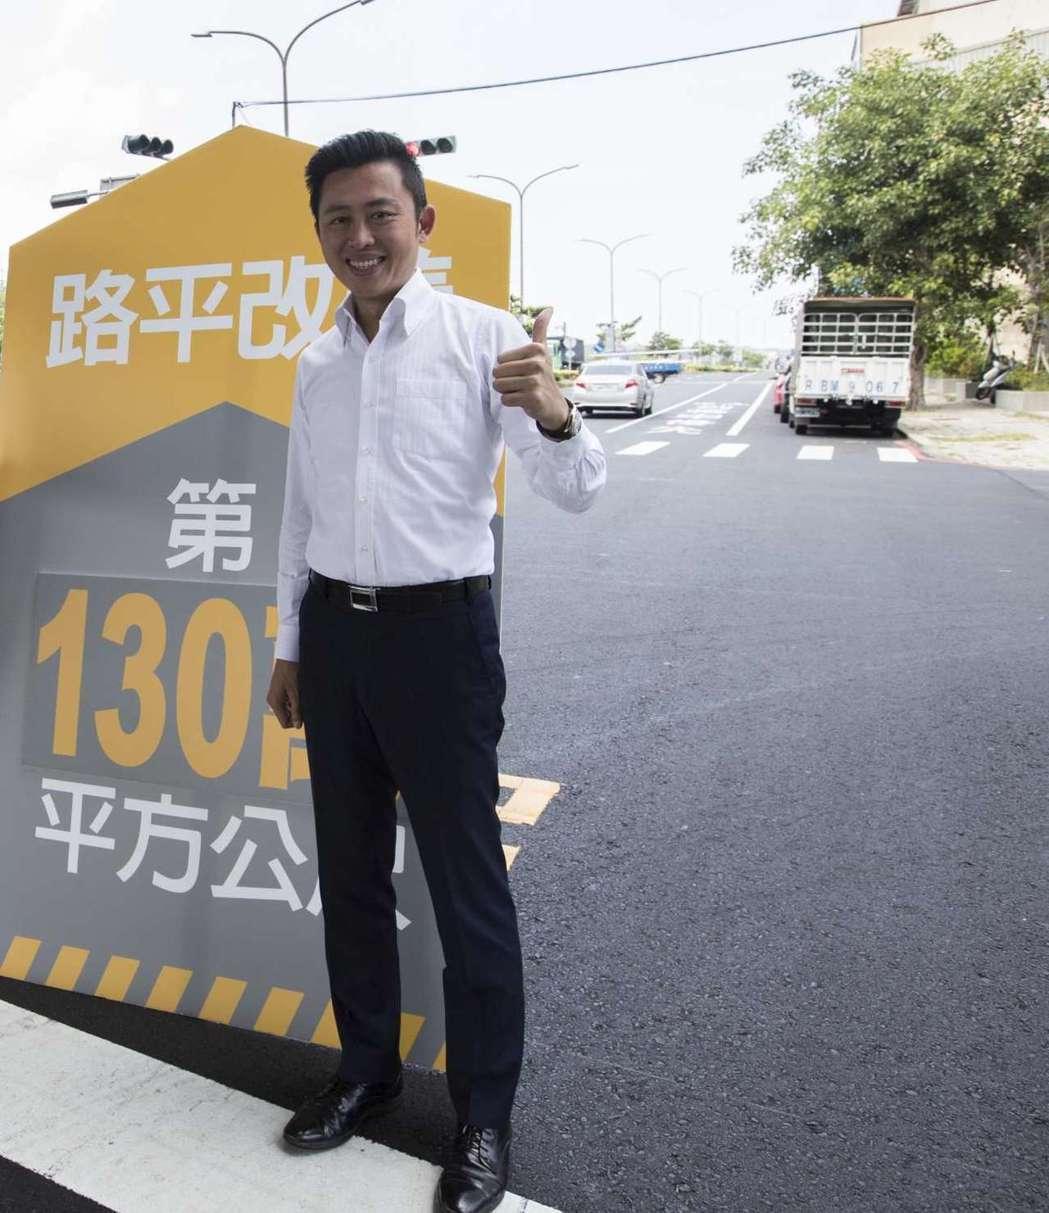 新竹市長林智堅指路平一直是市民最關心的市政項目,3年來路平改善面積達146萬平方...